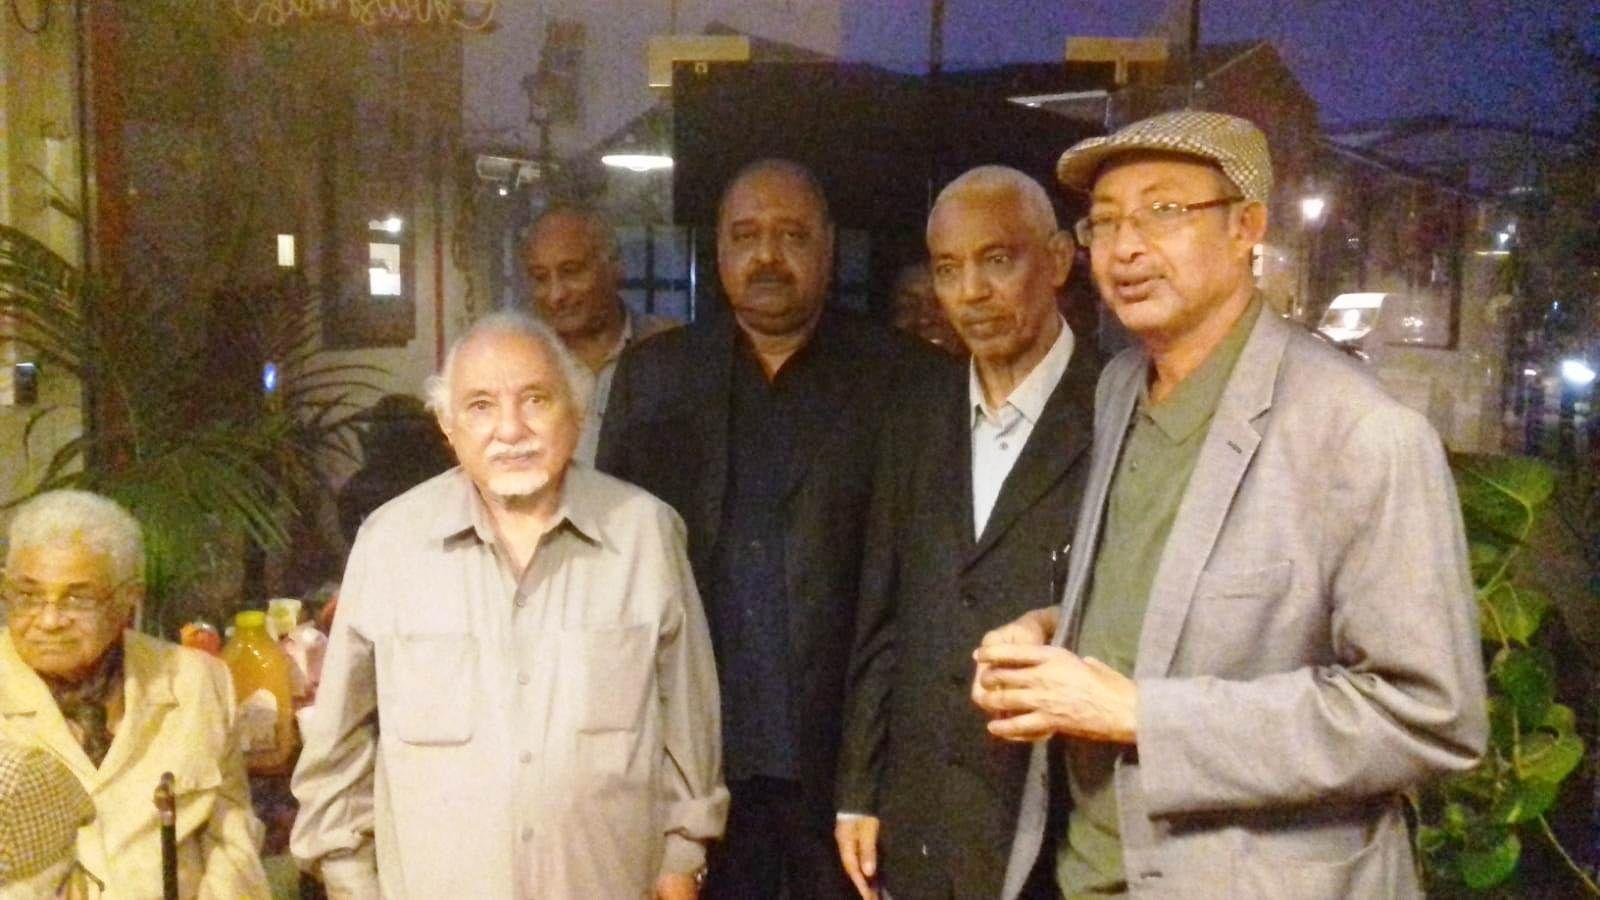 بالصور: شخصيات لندنية تودع رمضان وتحتفي بالأستاذ أحمد بدري